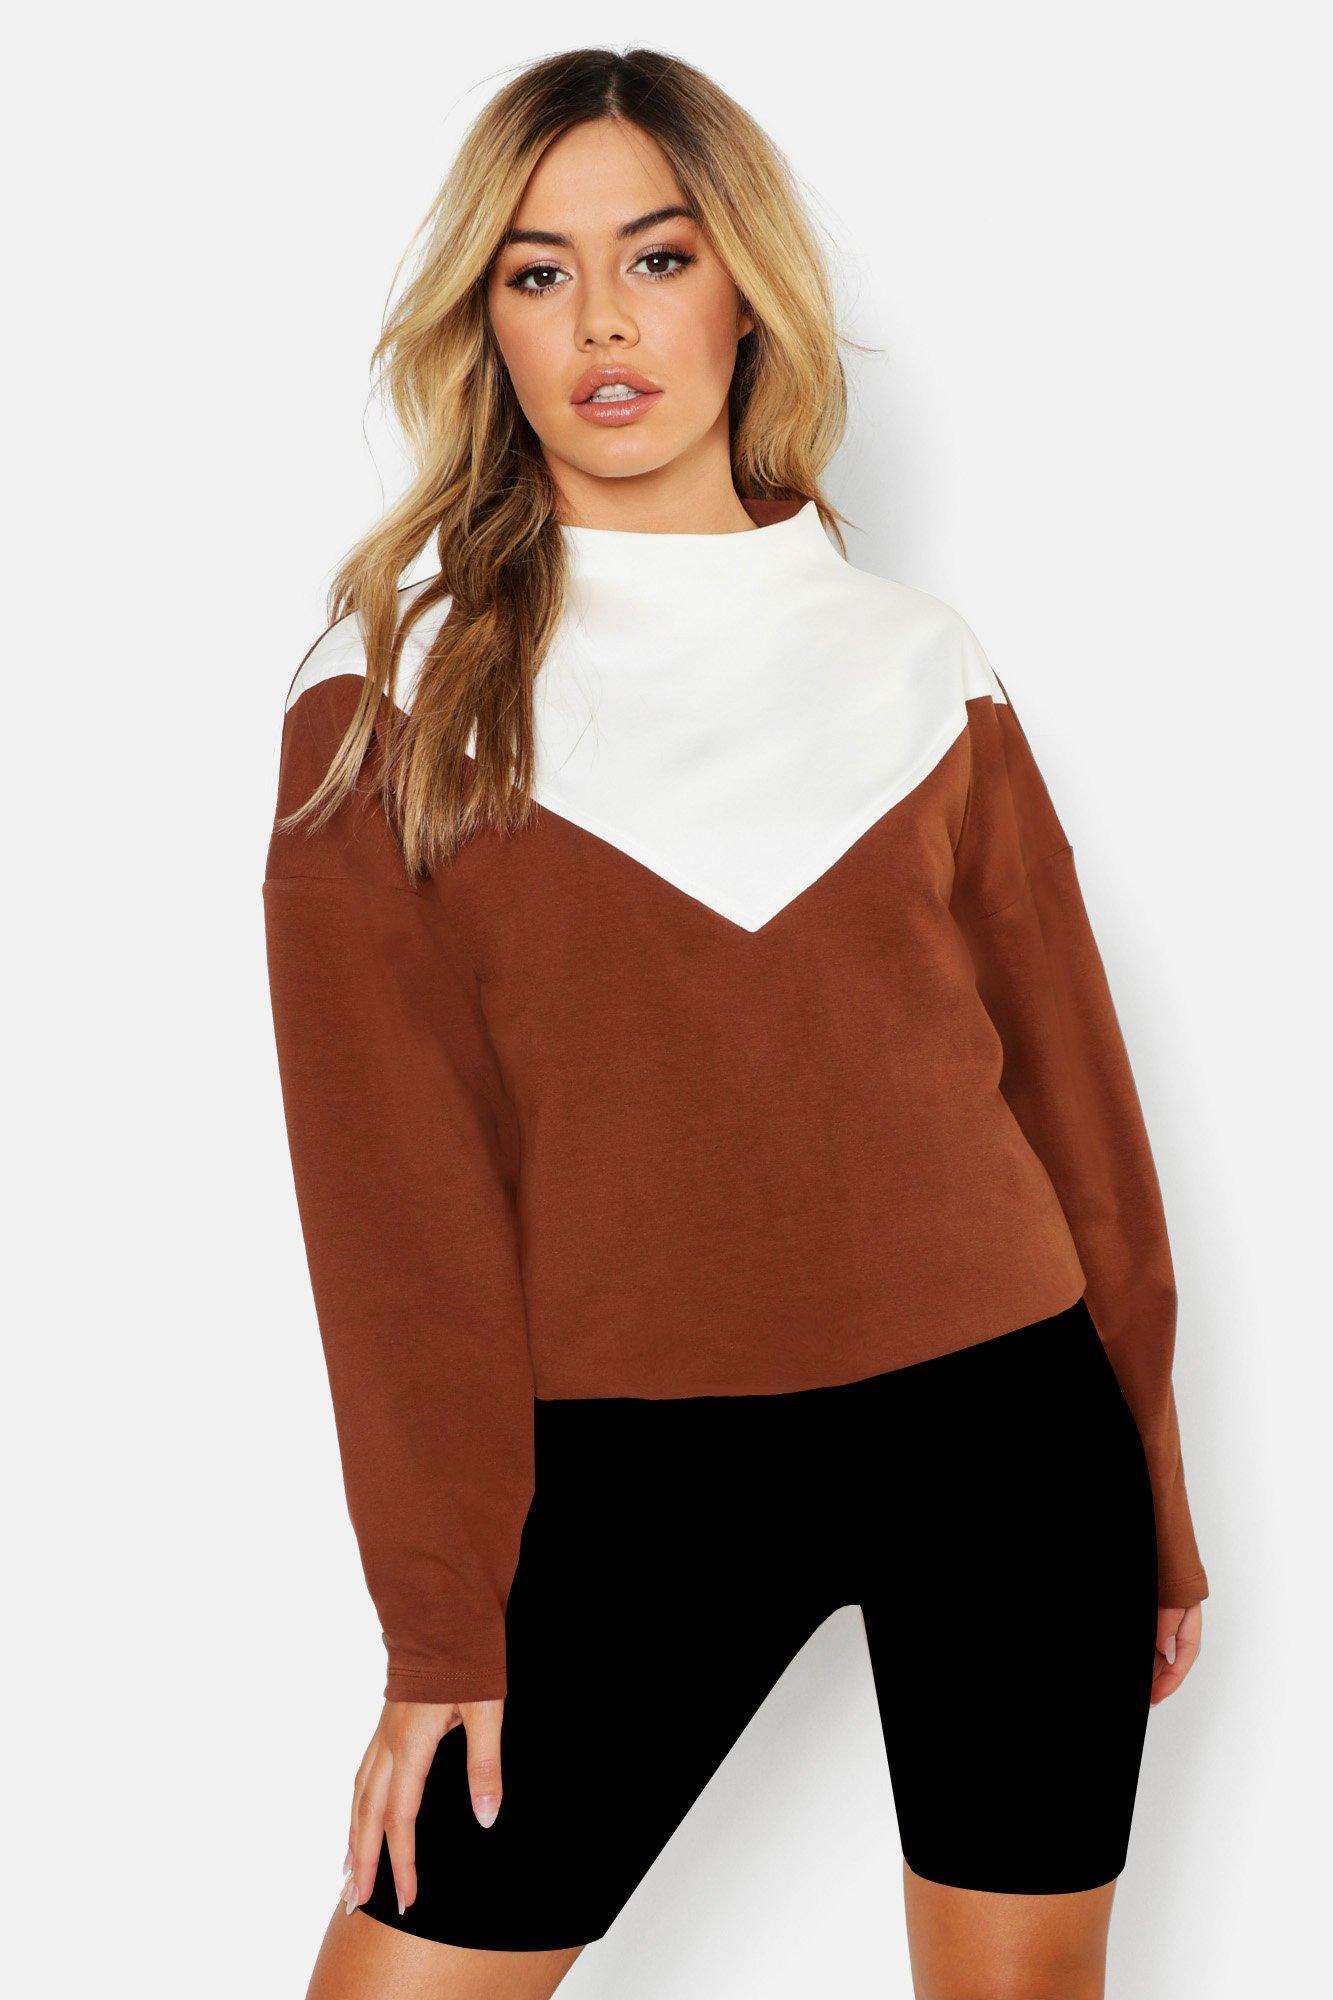 Womens Petite Colorblock-Sweatshirt mit Trichterkragen - kamelhaarfarben - S, Kamelhaarfarben - Boohoo.com